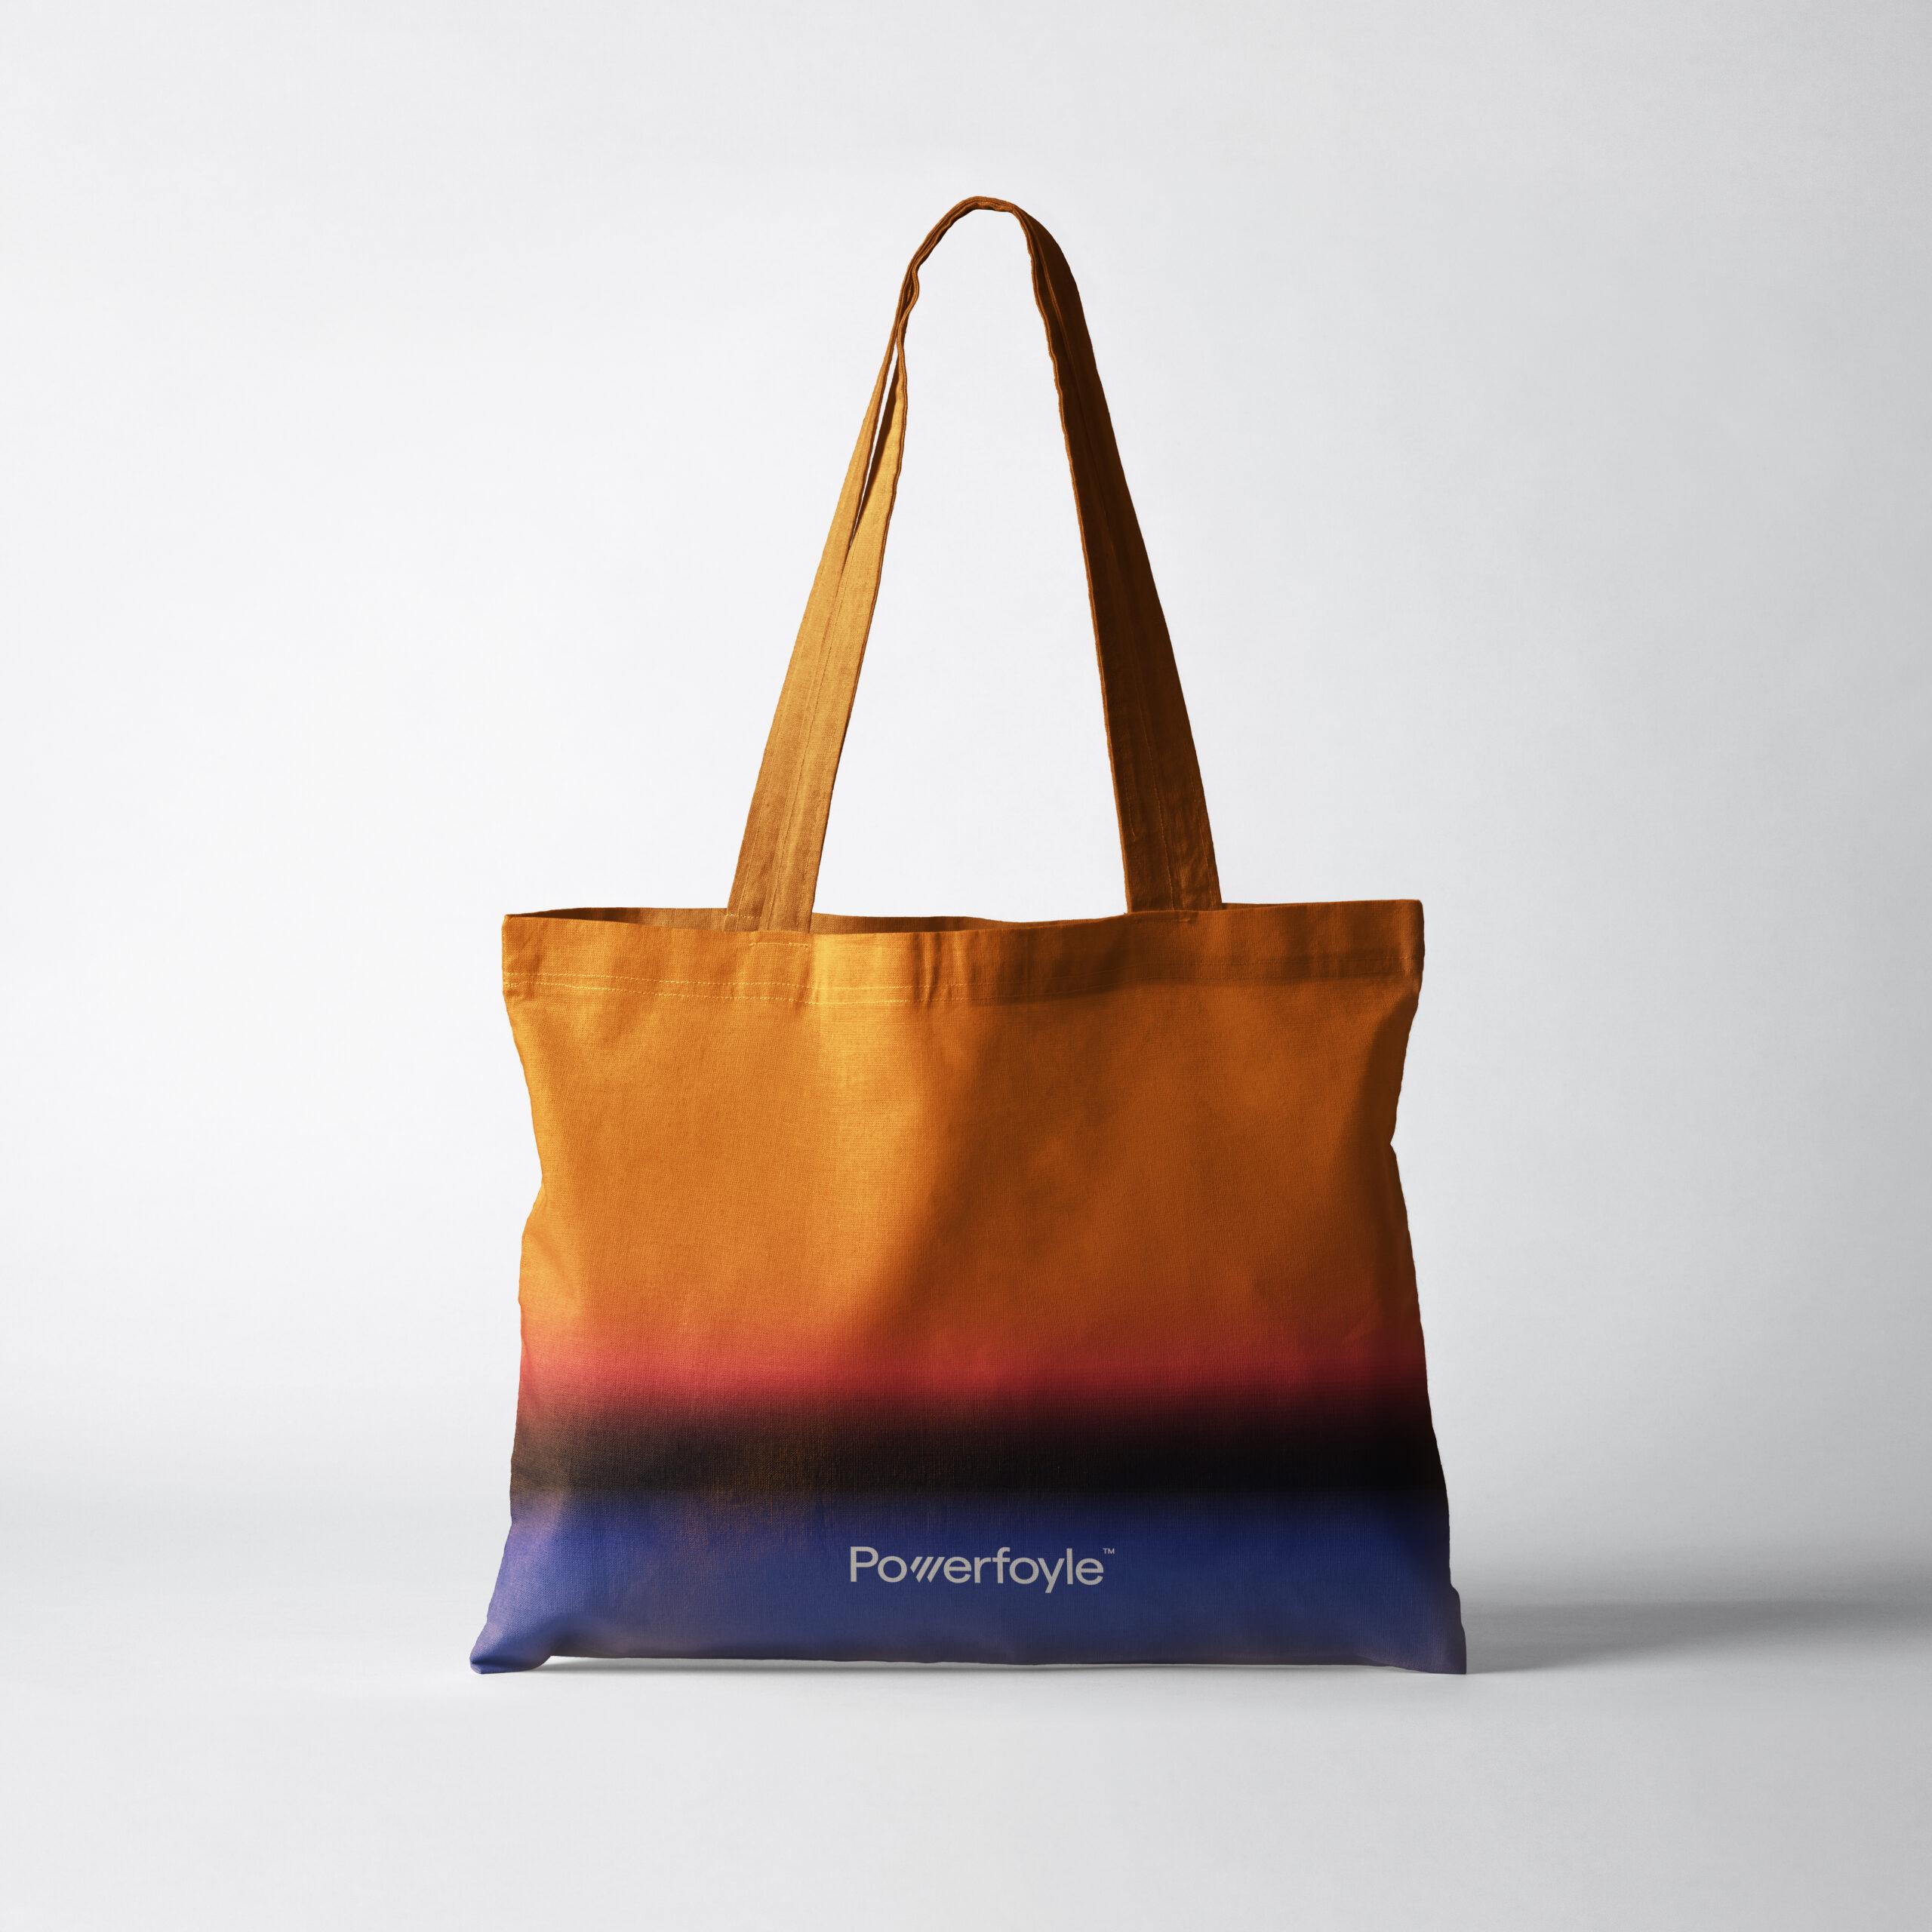 Powerfoyle_Bag